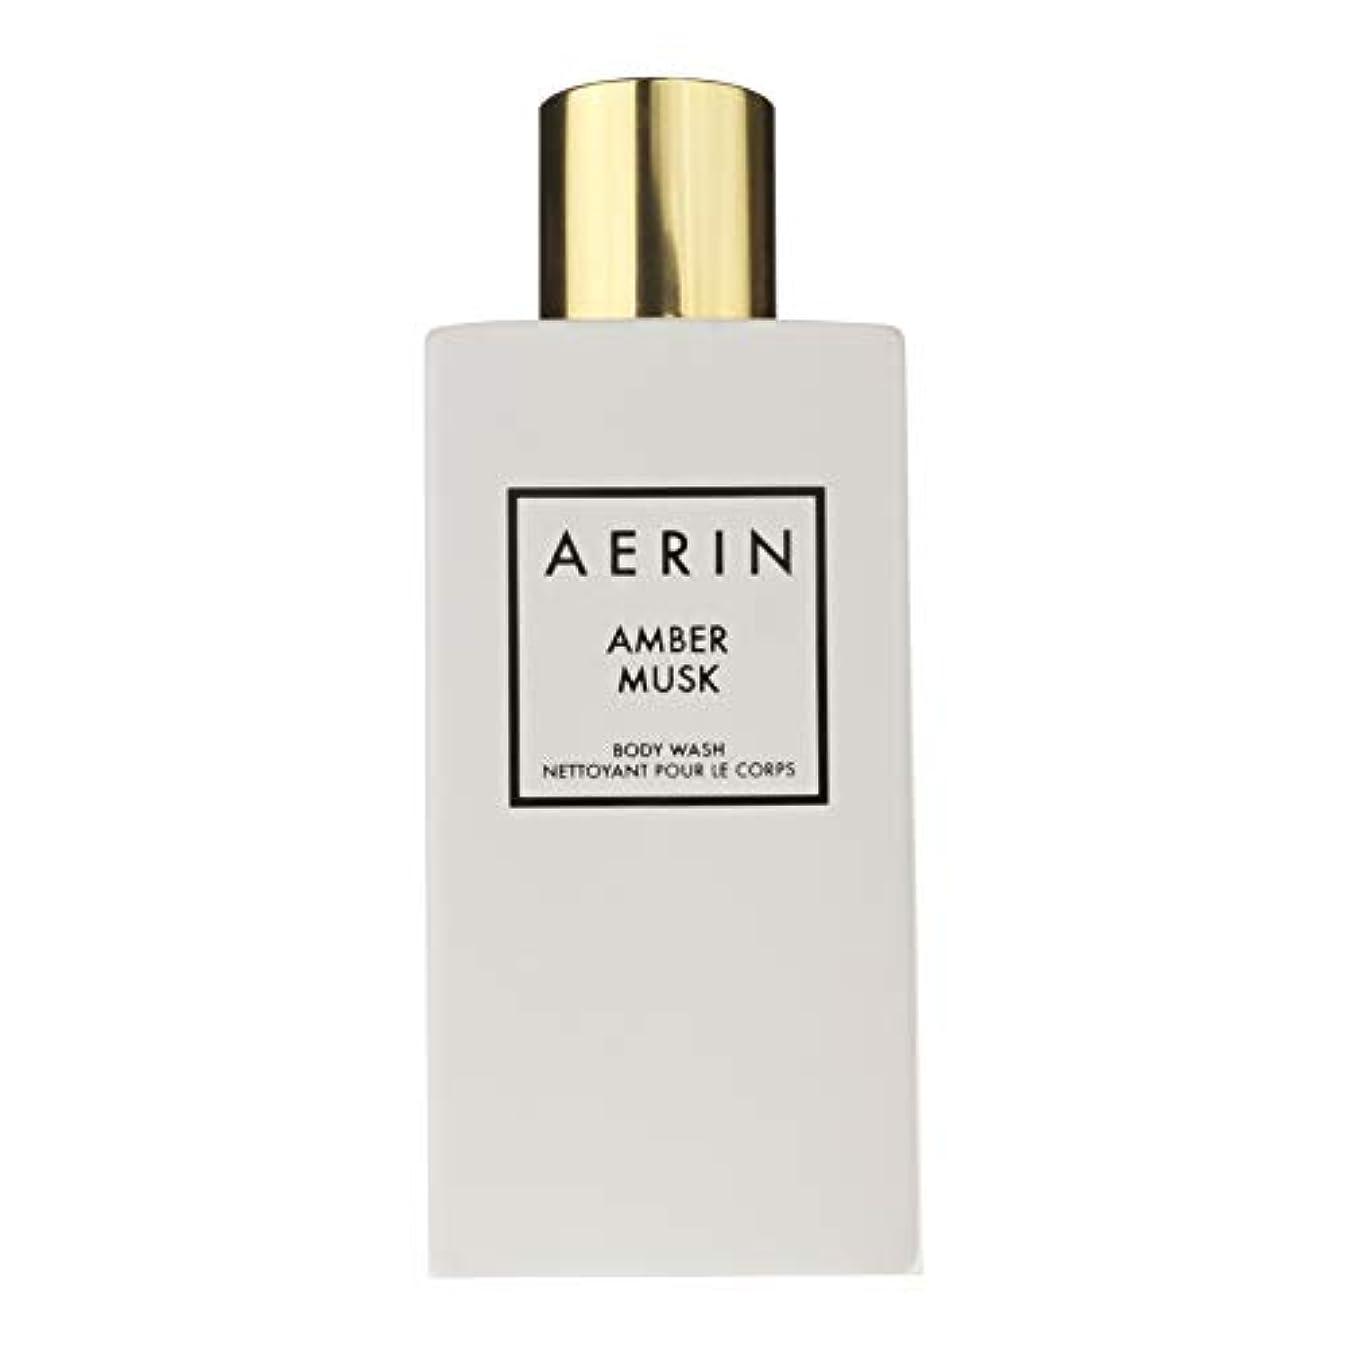 検出器劇場ミニAERIN 'Amber Musk' (アエリン アンバームスク) 7.6 oz (228ml) Body Wash ボディーウオッシュ by Estee Lauder